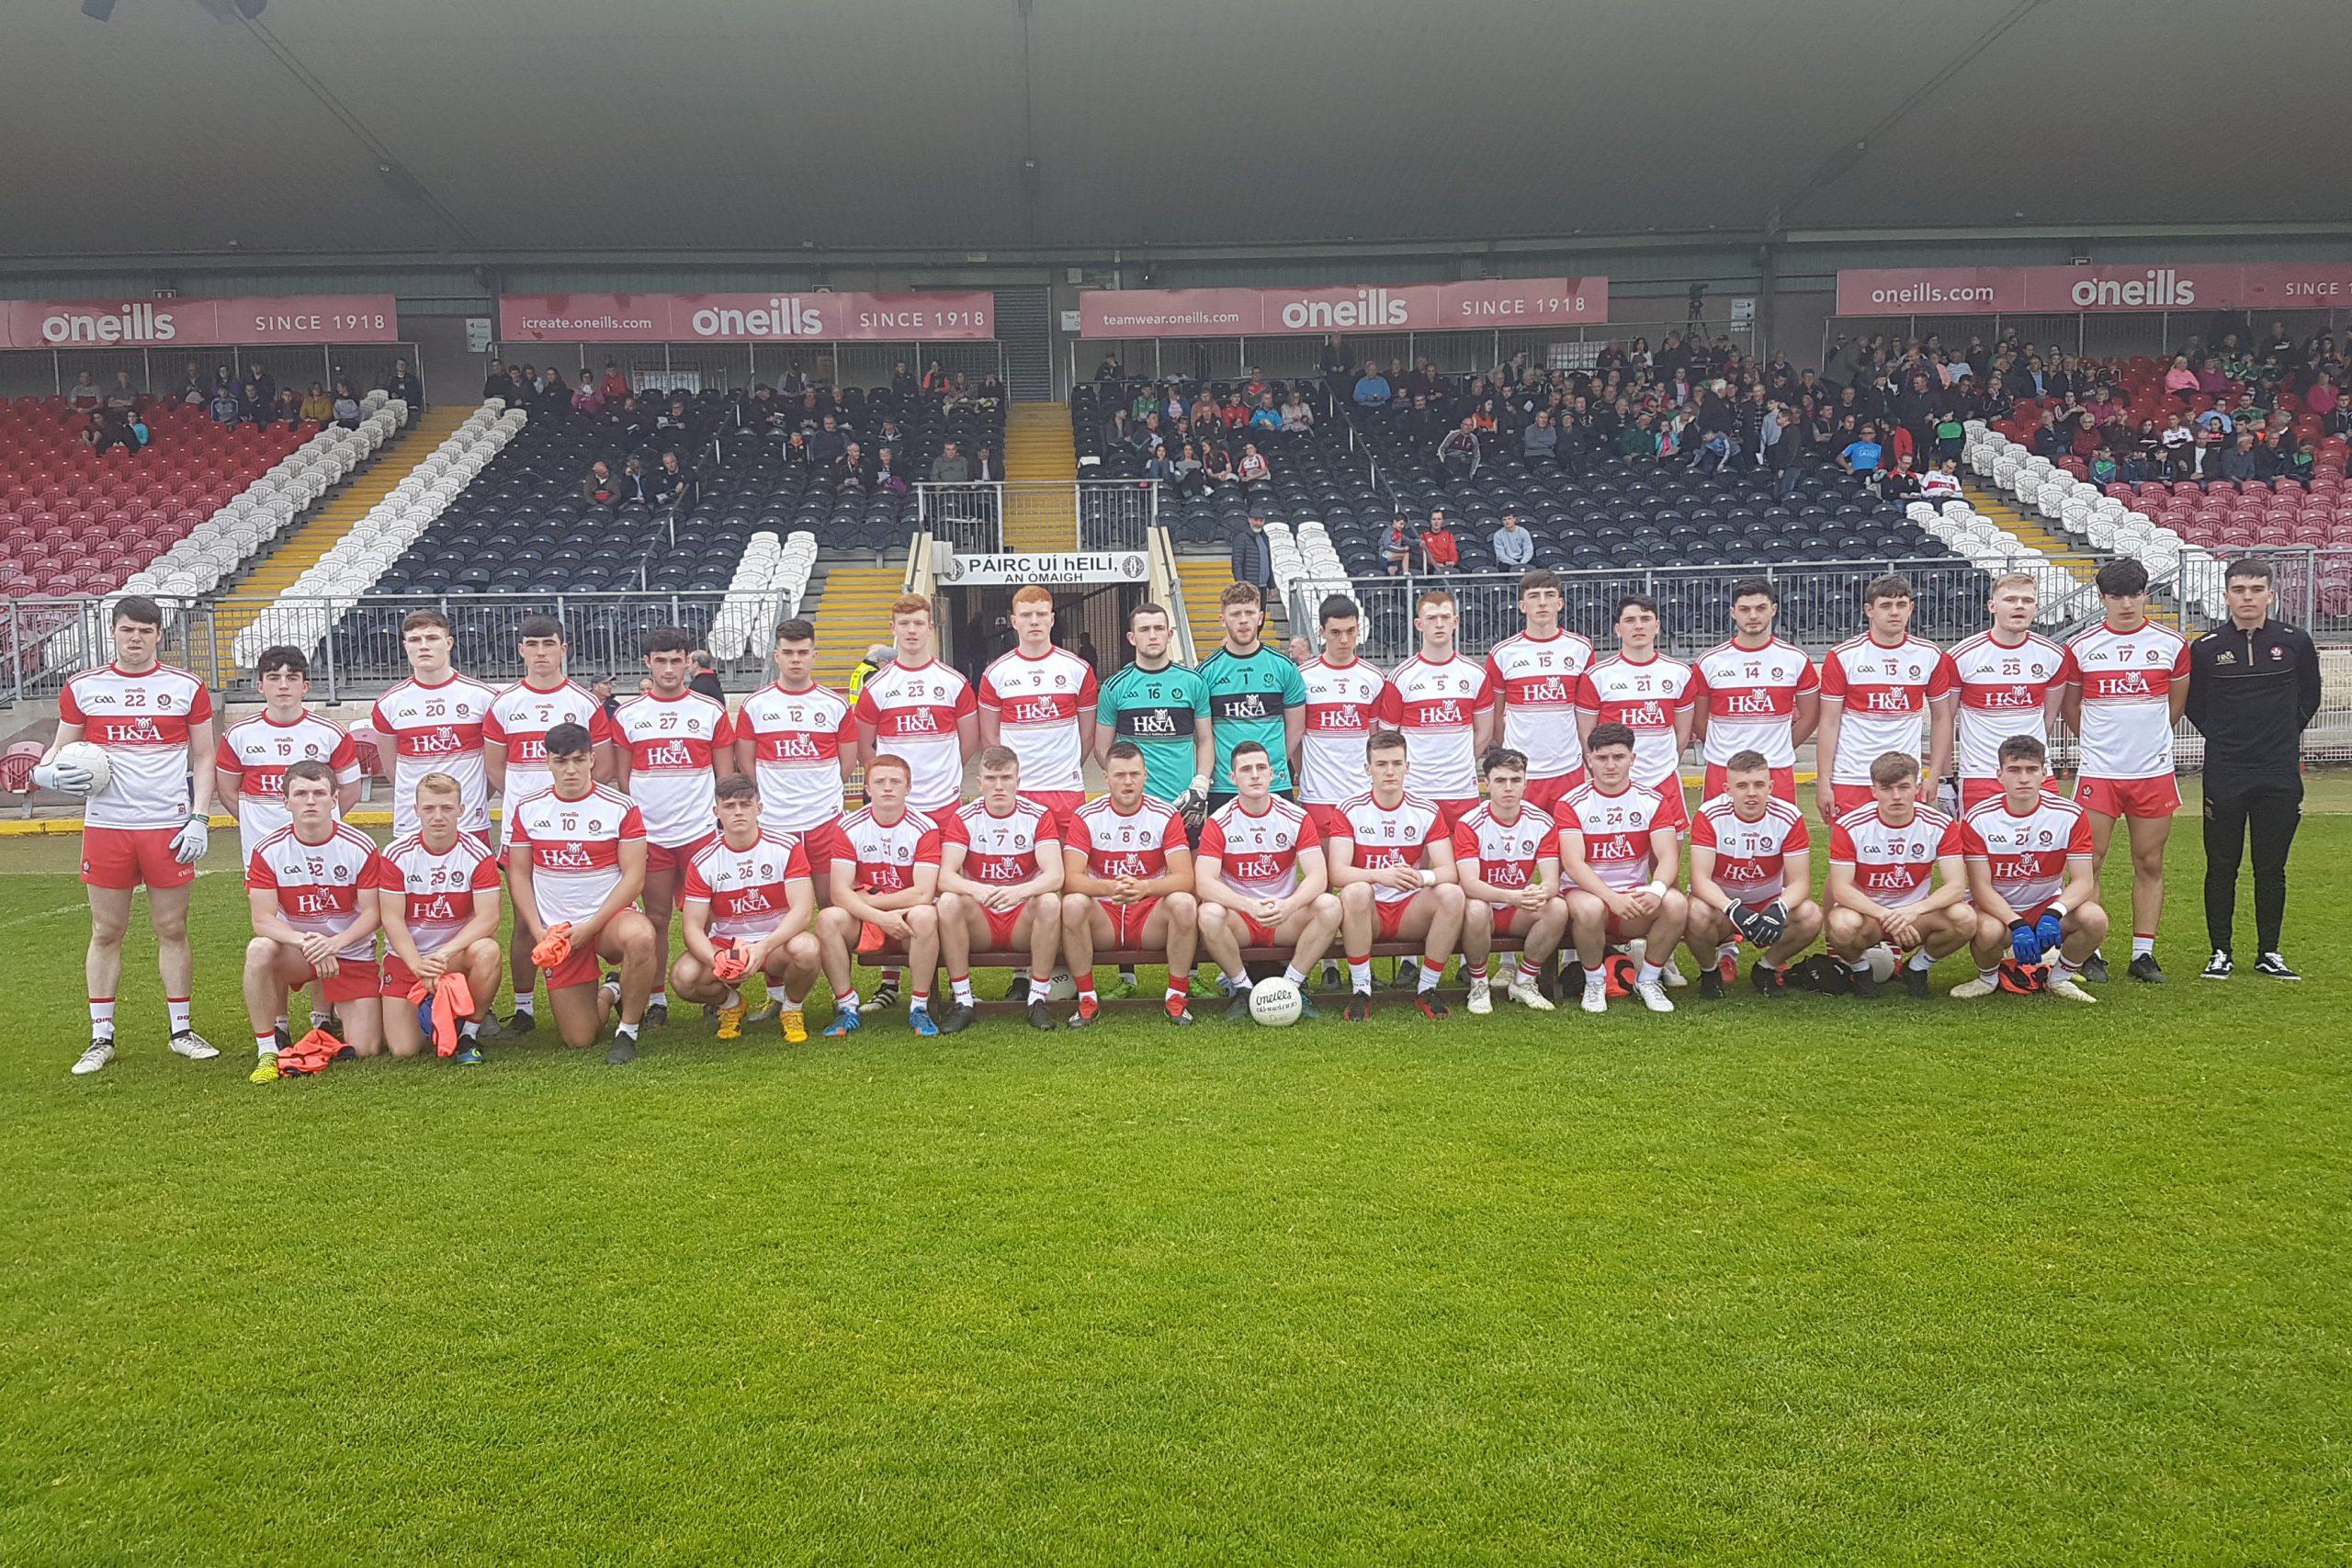 Derry advance to EirGrid Ulster Under 20 final